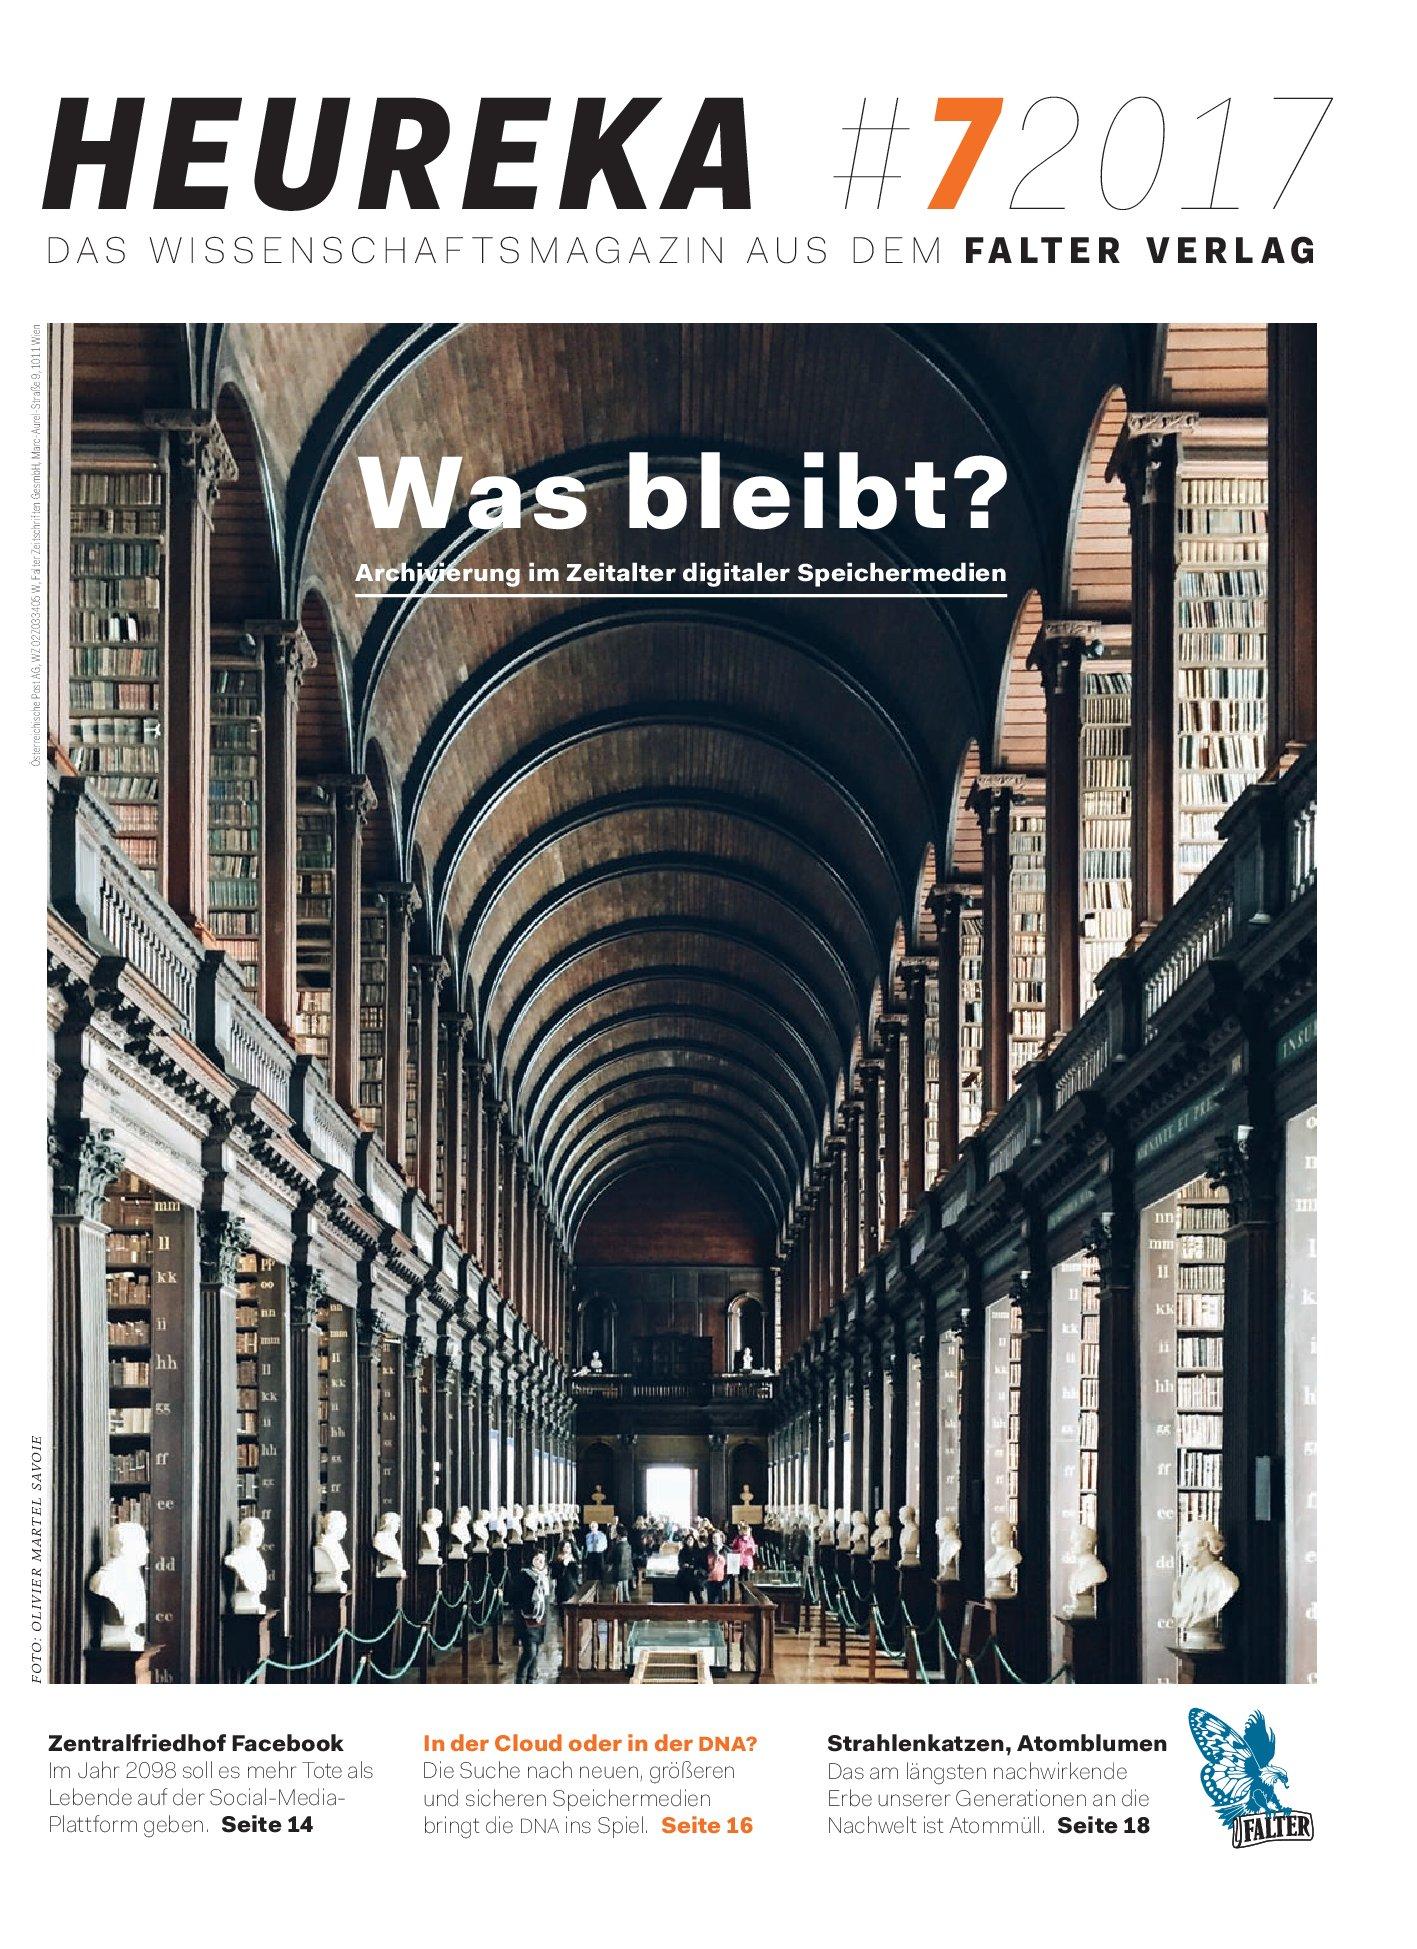 Heureka Titelthema. Was bleibt? Archivierung im Zeitalter digitaler Speichermedien